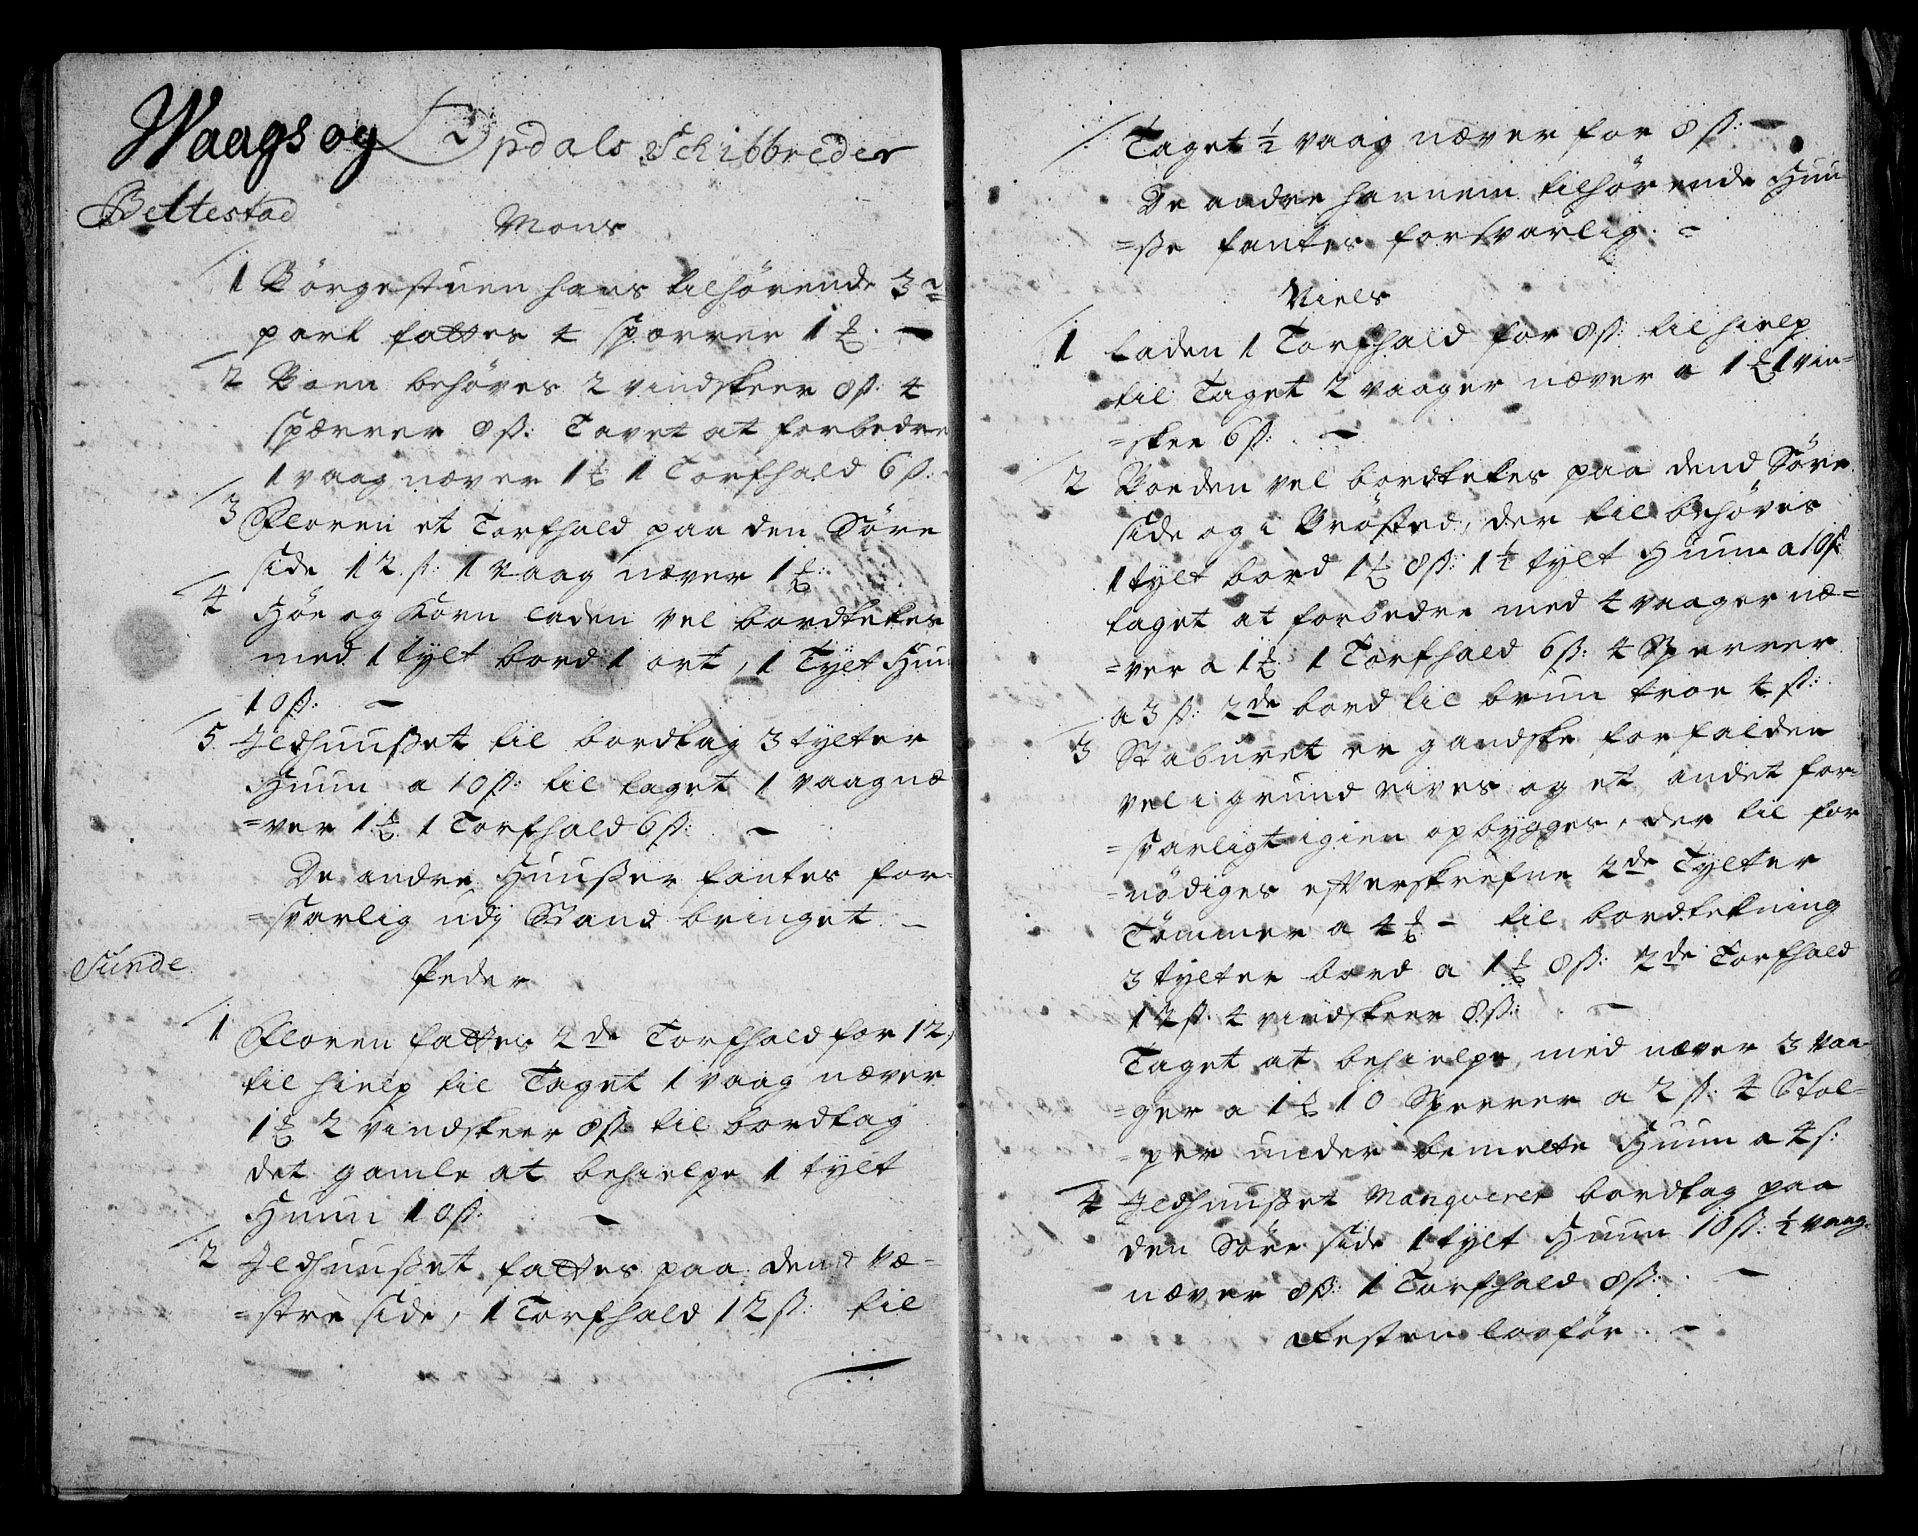 RA, Rentekammeret inntil 1814, Realistisk ordnet avdeling, On/L0003: [Jj 4]: Kommisjonsforretning over Vilhelm Hanssøns forpaktning av Halsnøy klosters gods, 1721-1729, s. 50